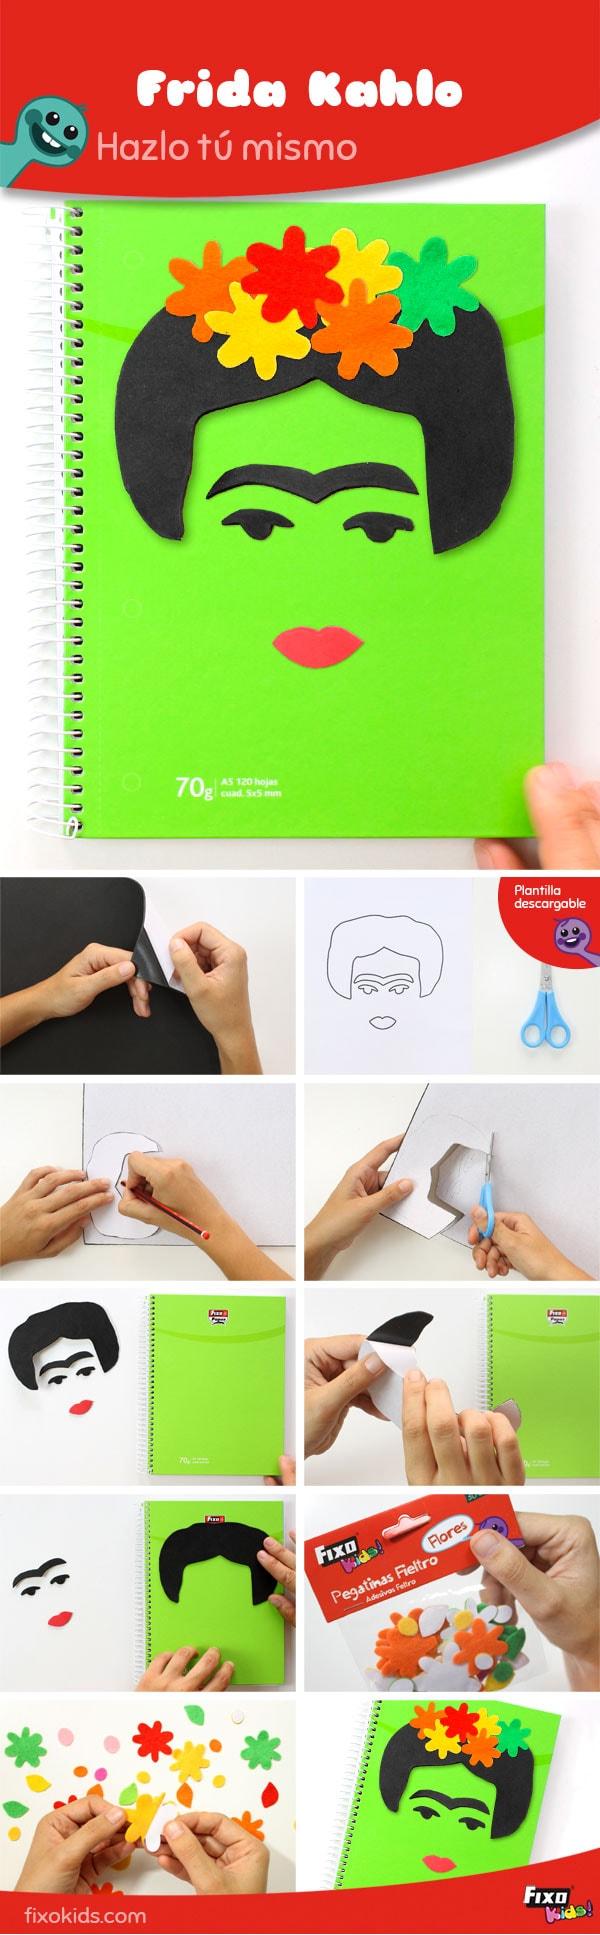 tutorial personalizado cuaderno frida kahlo con goma eva adhesiva